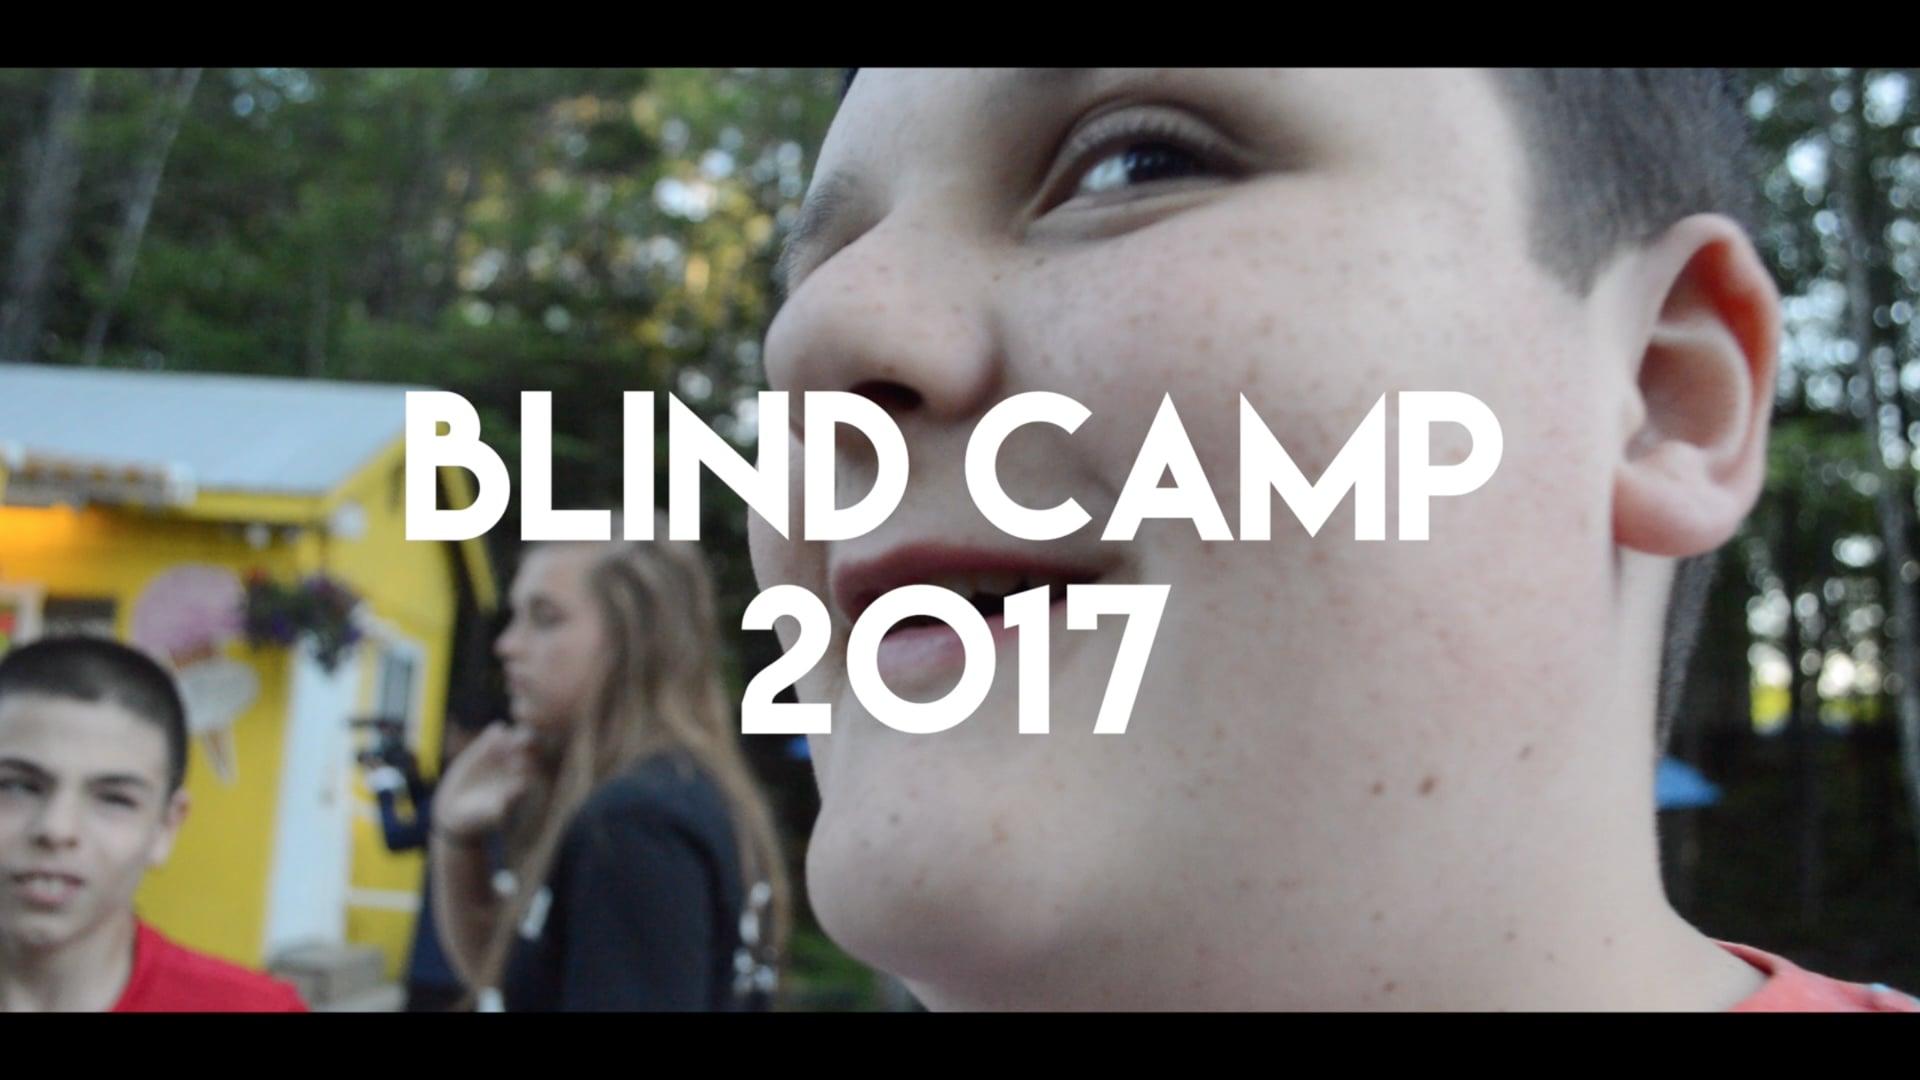 Blind Camp 2017